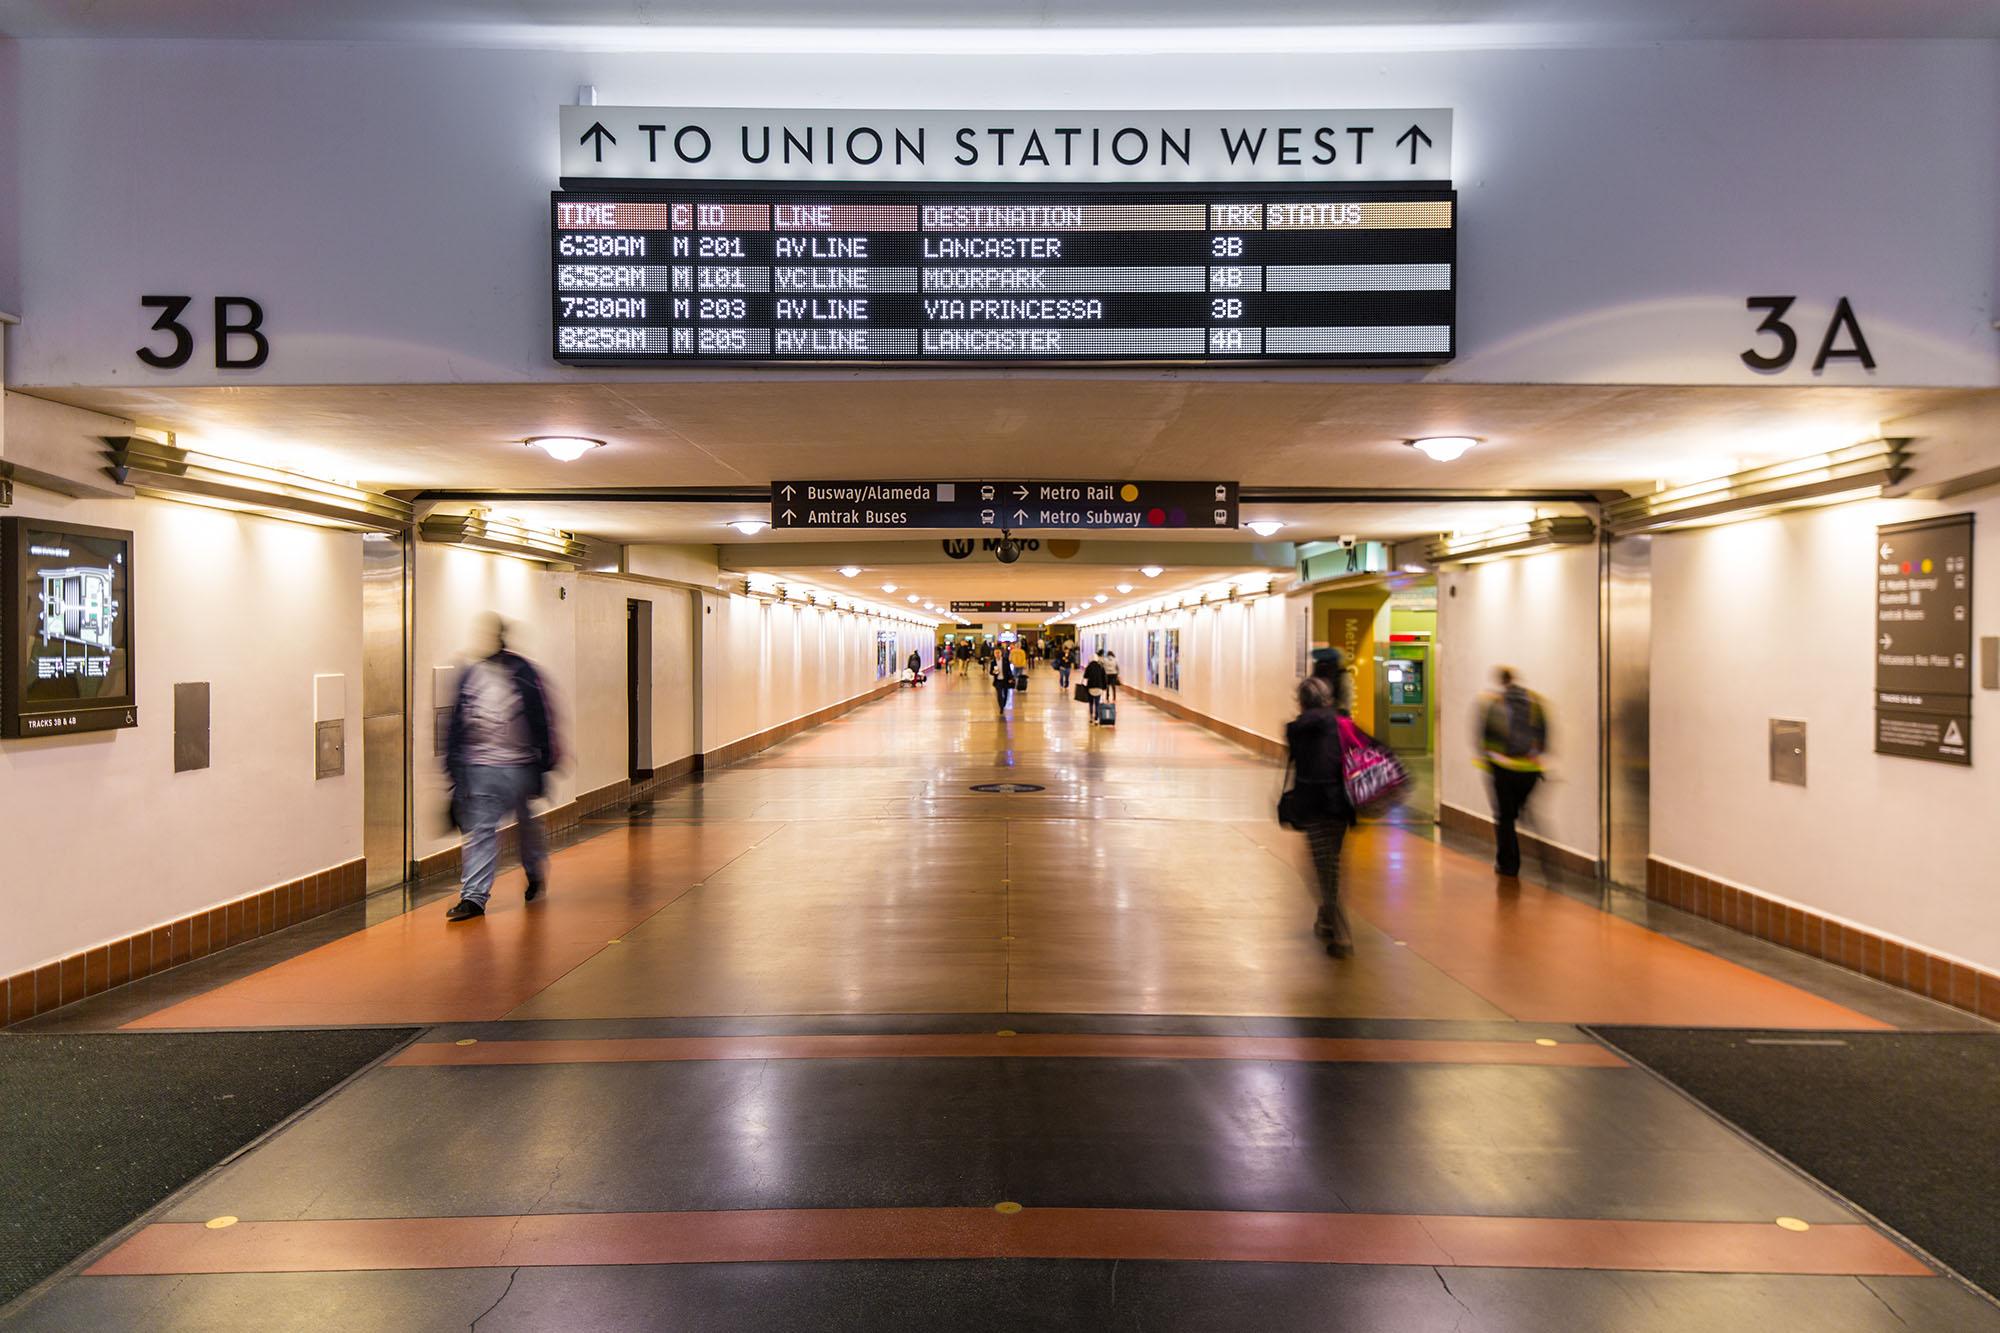 洛杉矶联合车站导视系统设计©Selbert Perkins Design